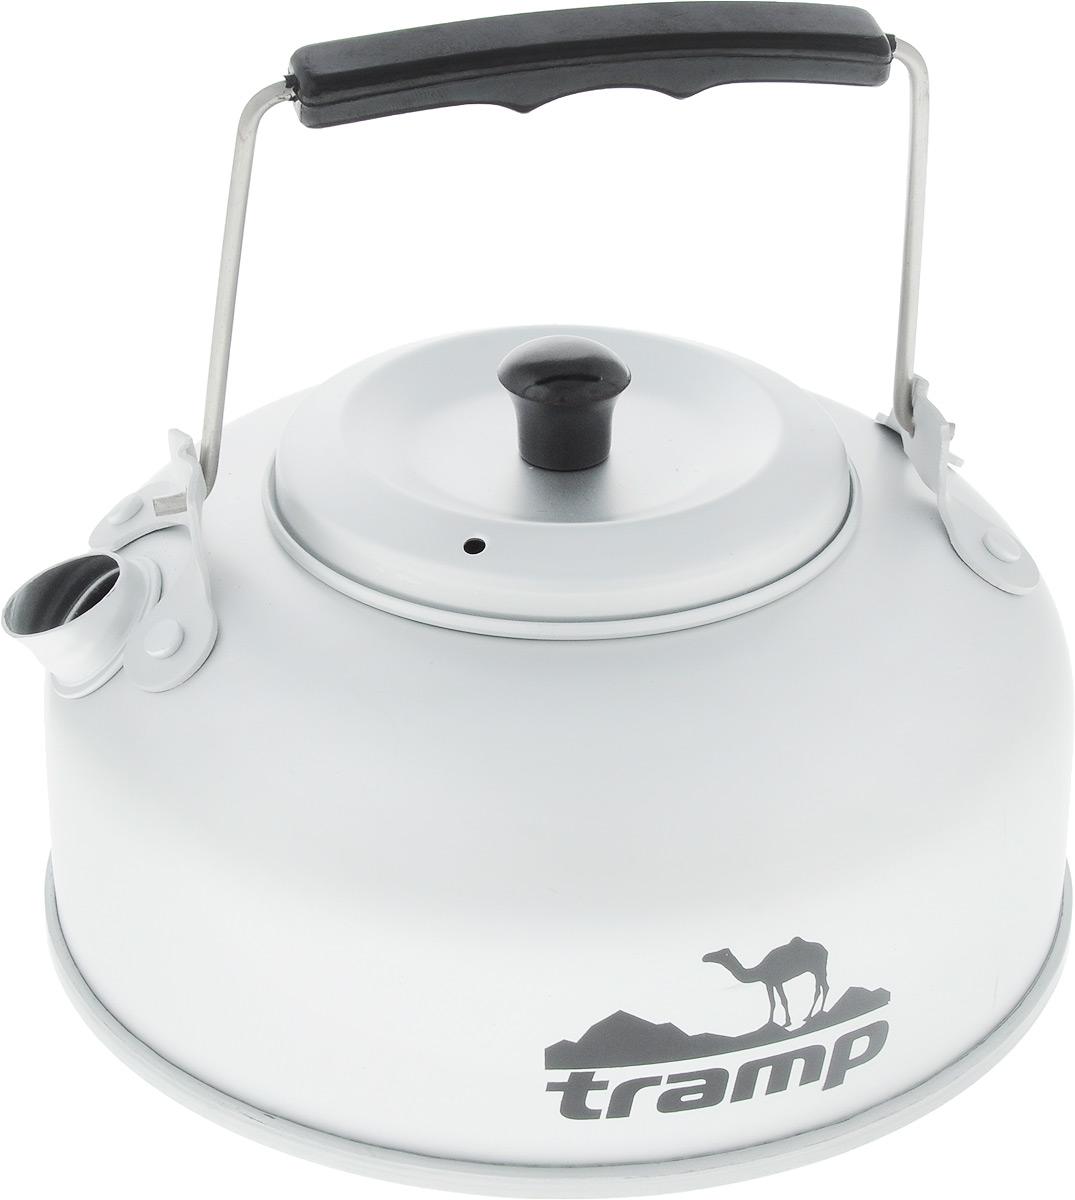 Чайник походный Tramp, с заварником, 0,9 л432964Чайник Tramp имеет специальное сито для заварки, что делает приготовление чая более удобным. Плоская форма дна позволяет быстро нагреть воду, складная ручка и небольшой вес алюминия делает чайник особенно удобным для перевозки. В комплект прилагается чехол для хранения.Объем: 900 л. Высота без учета ручки: 8 см. Диаметр дна: 15 см.